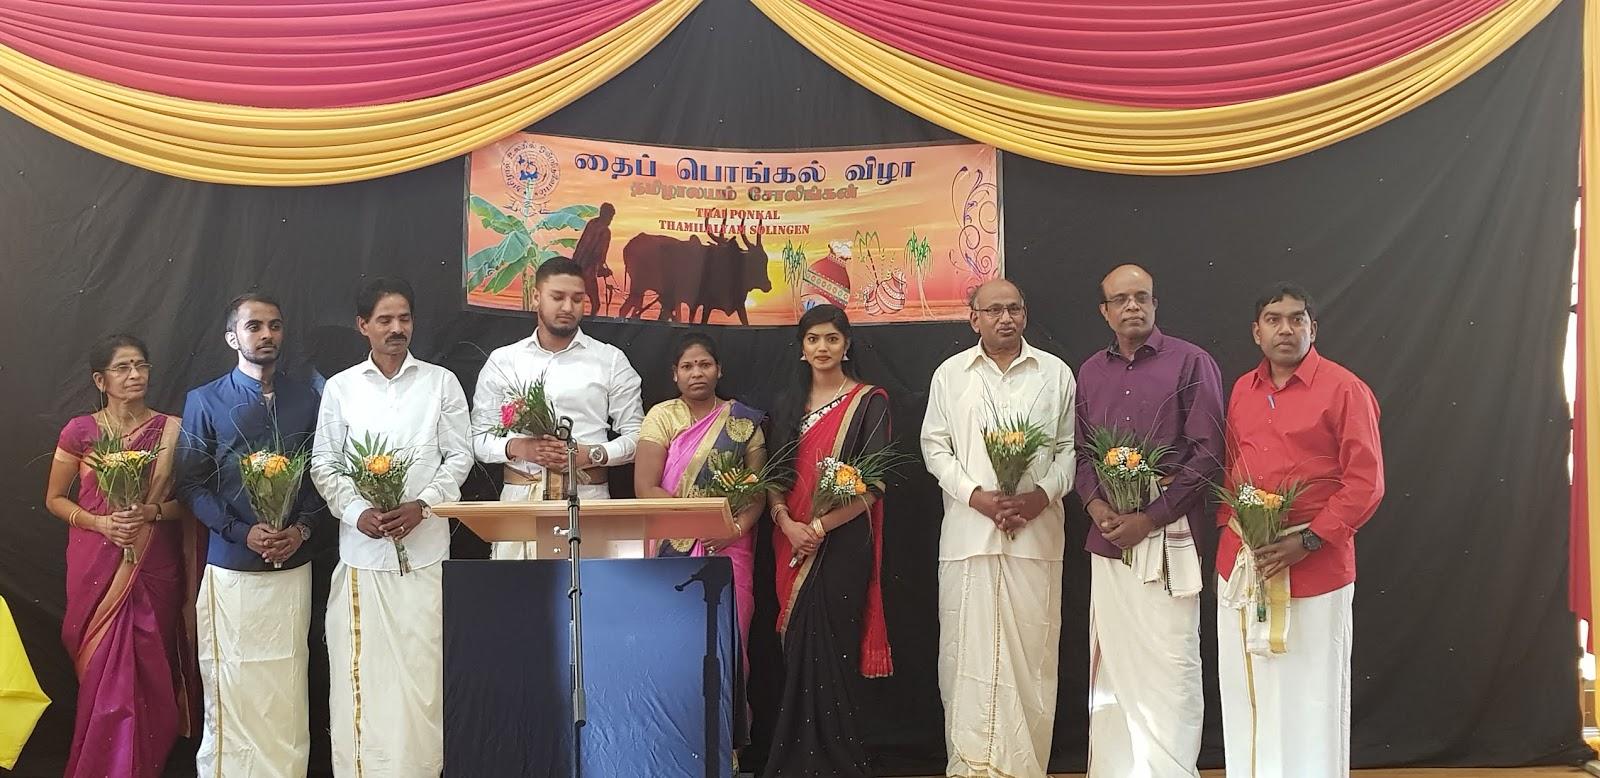 சோலிங்கன் தமிழாலயம் பொங்கல் விழா-யேர்மனி!